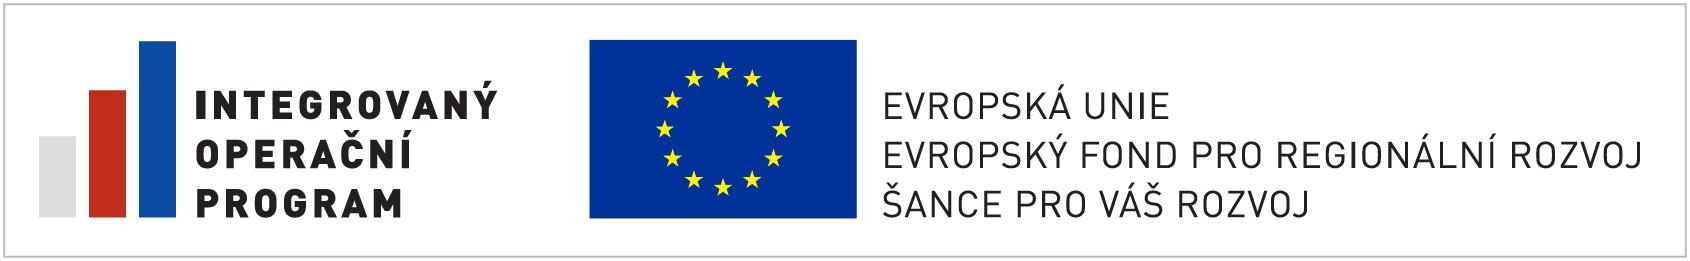 Integrovaný operační program EU